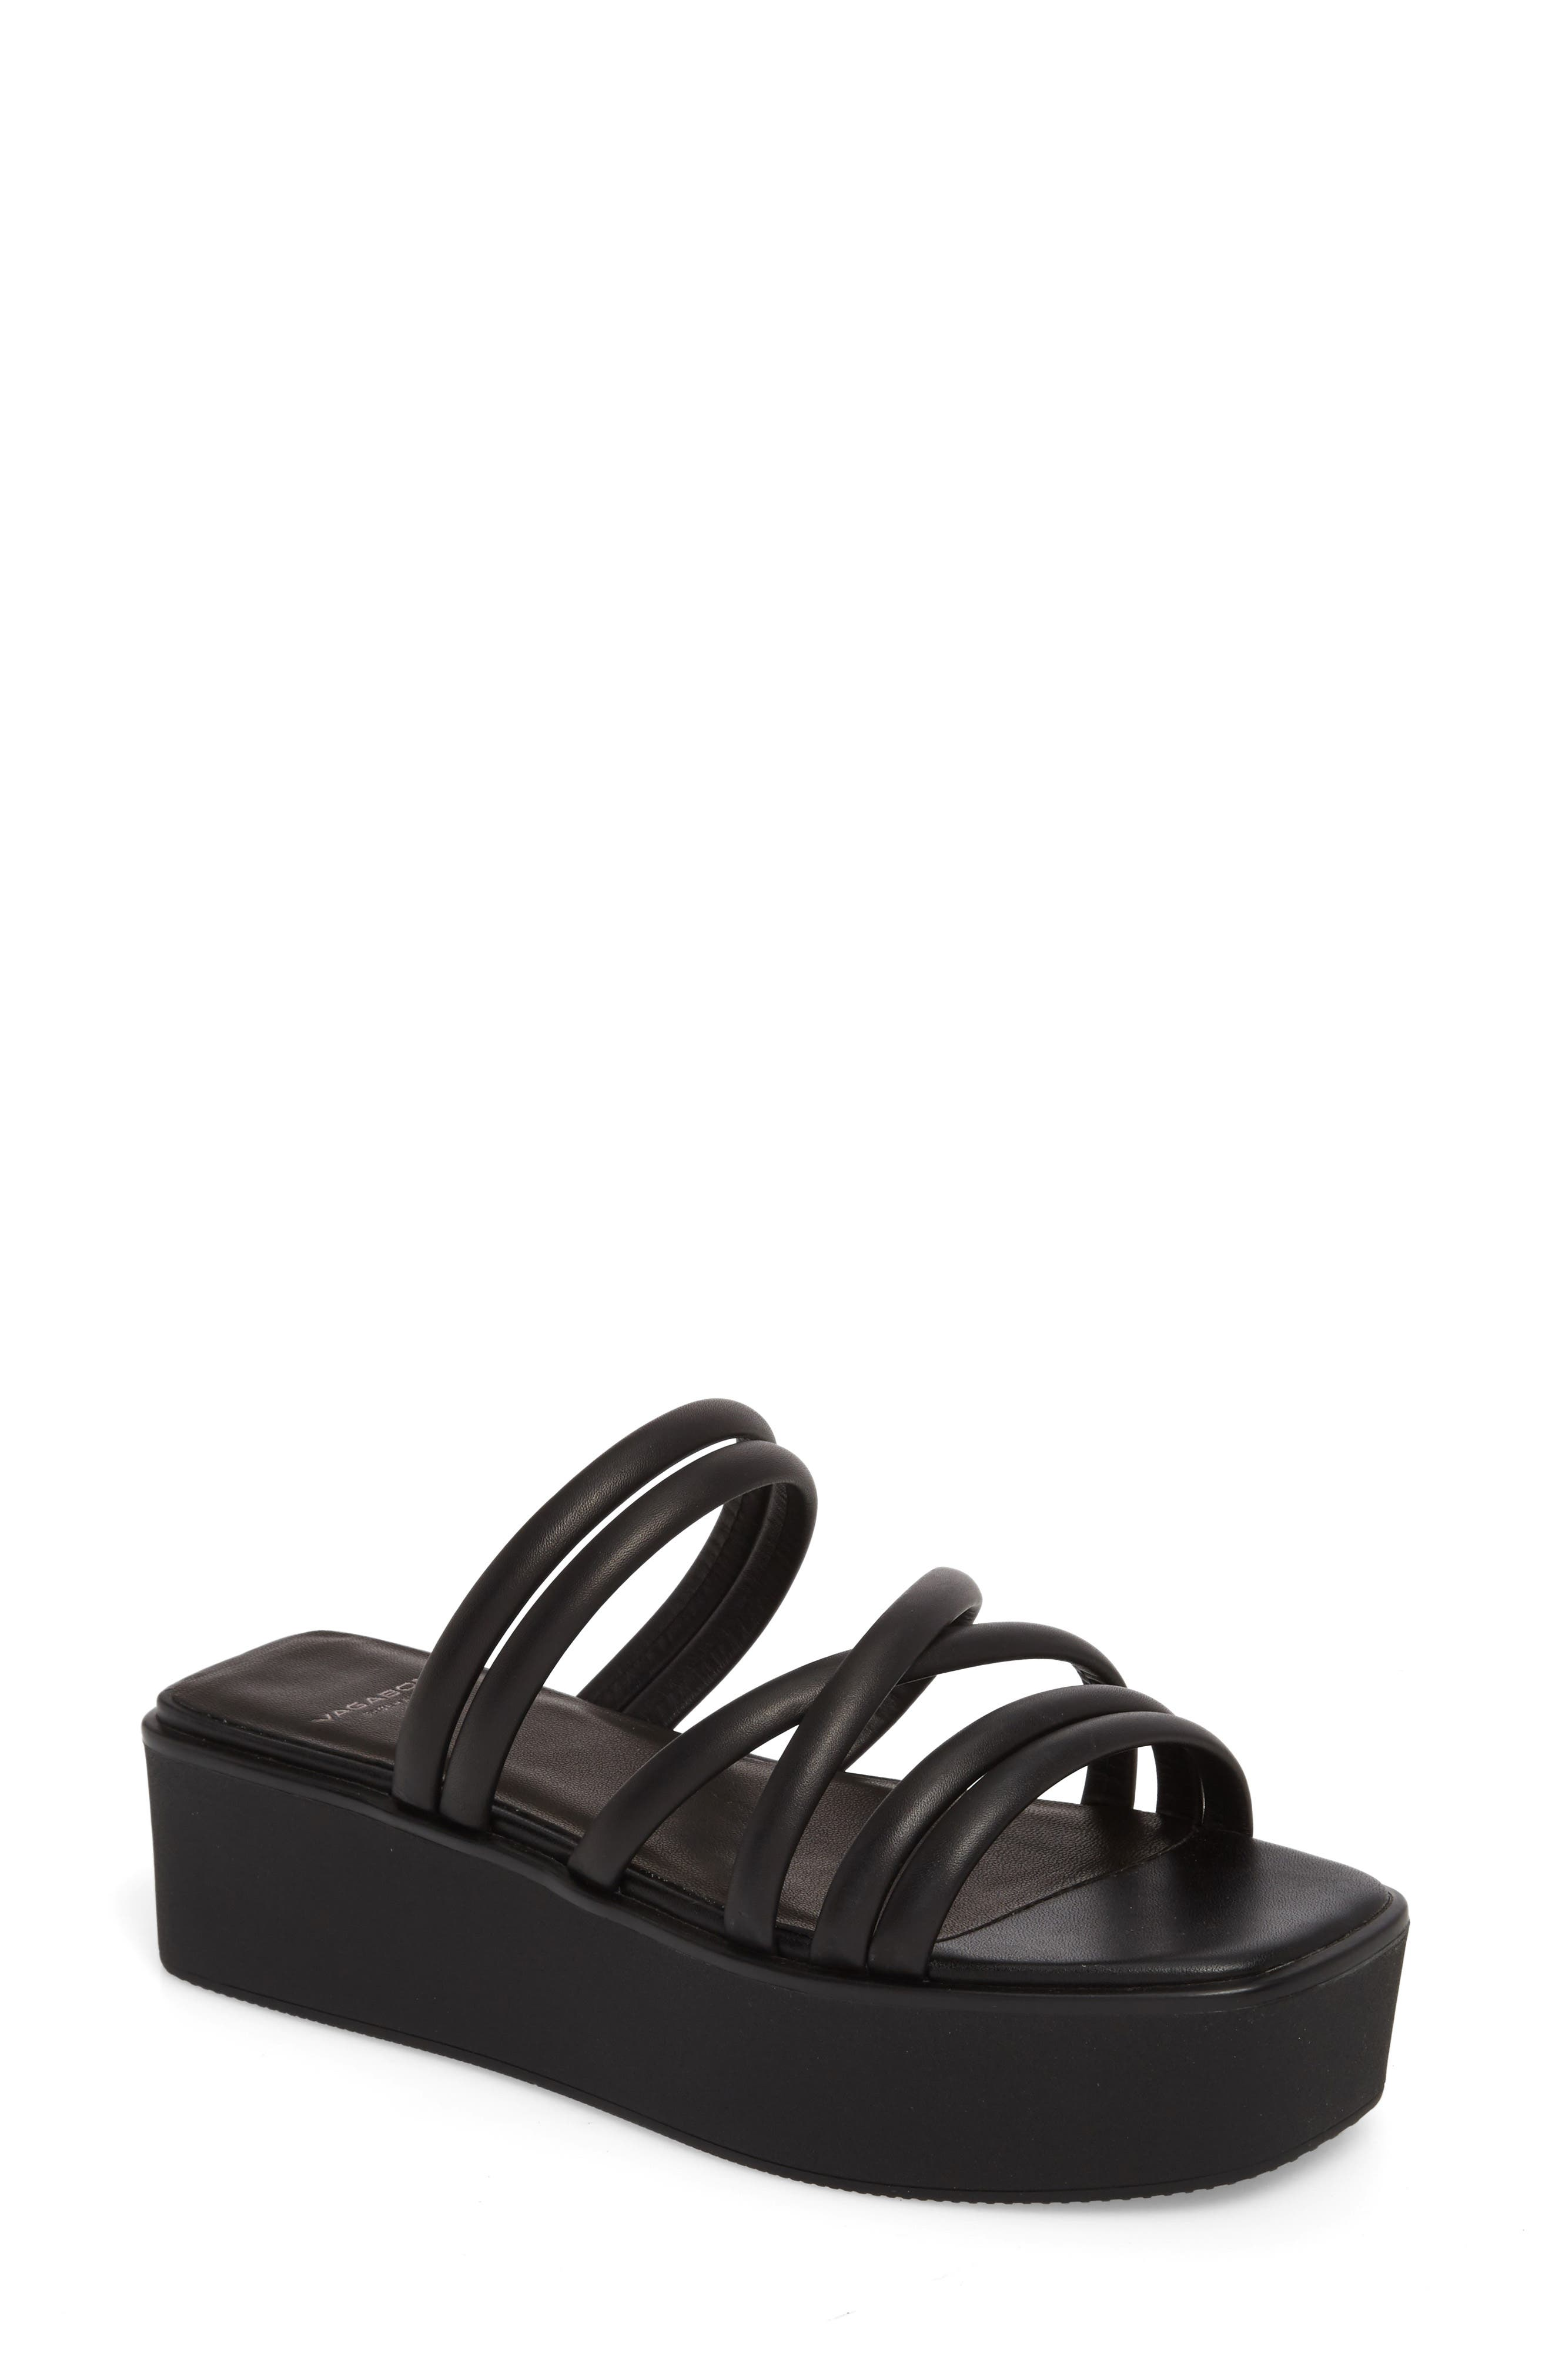 Bonnie Platform Sandal,                         Main,                         color, Black Leather